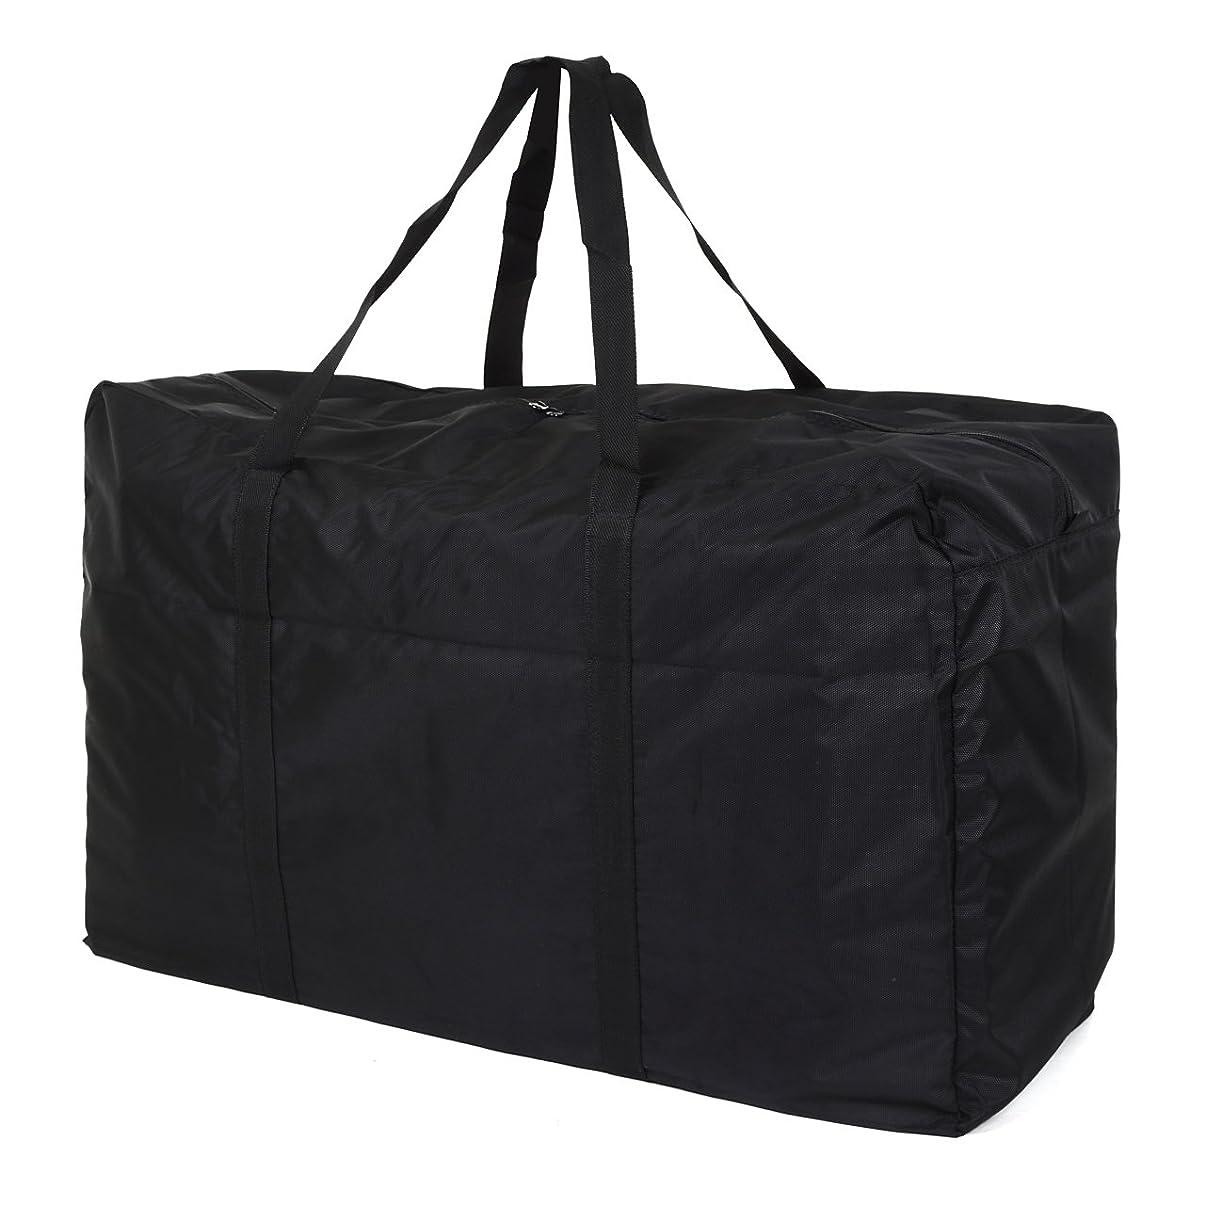 趣味パンサースロットミウォルナ 大型バッグ 大きいバッグ 最大サイズ 140L 折り畳み キャリーバッグ ボストンバッグ アウトドア 引っ越しバッグ 布団収納ケース